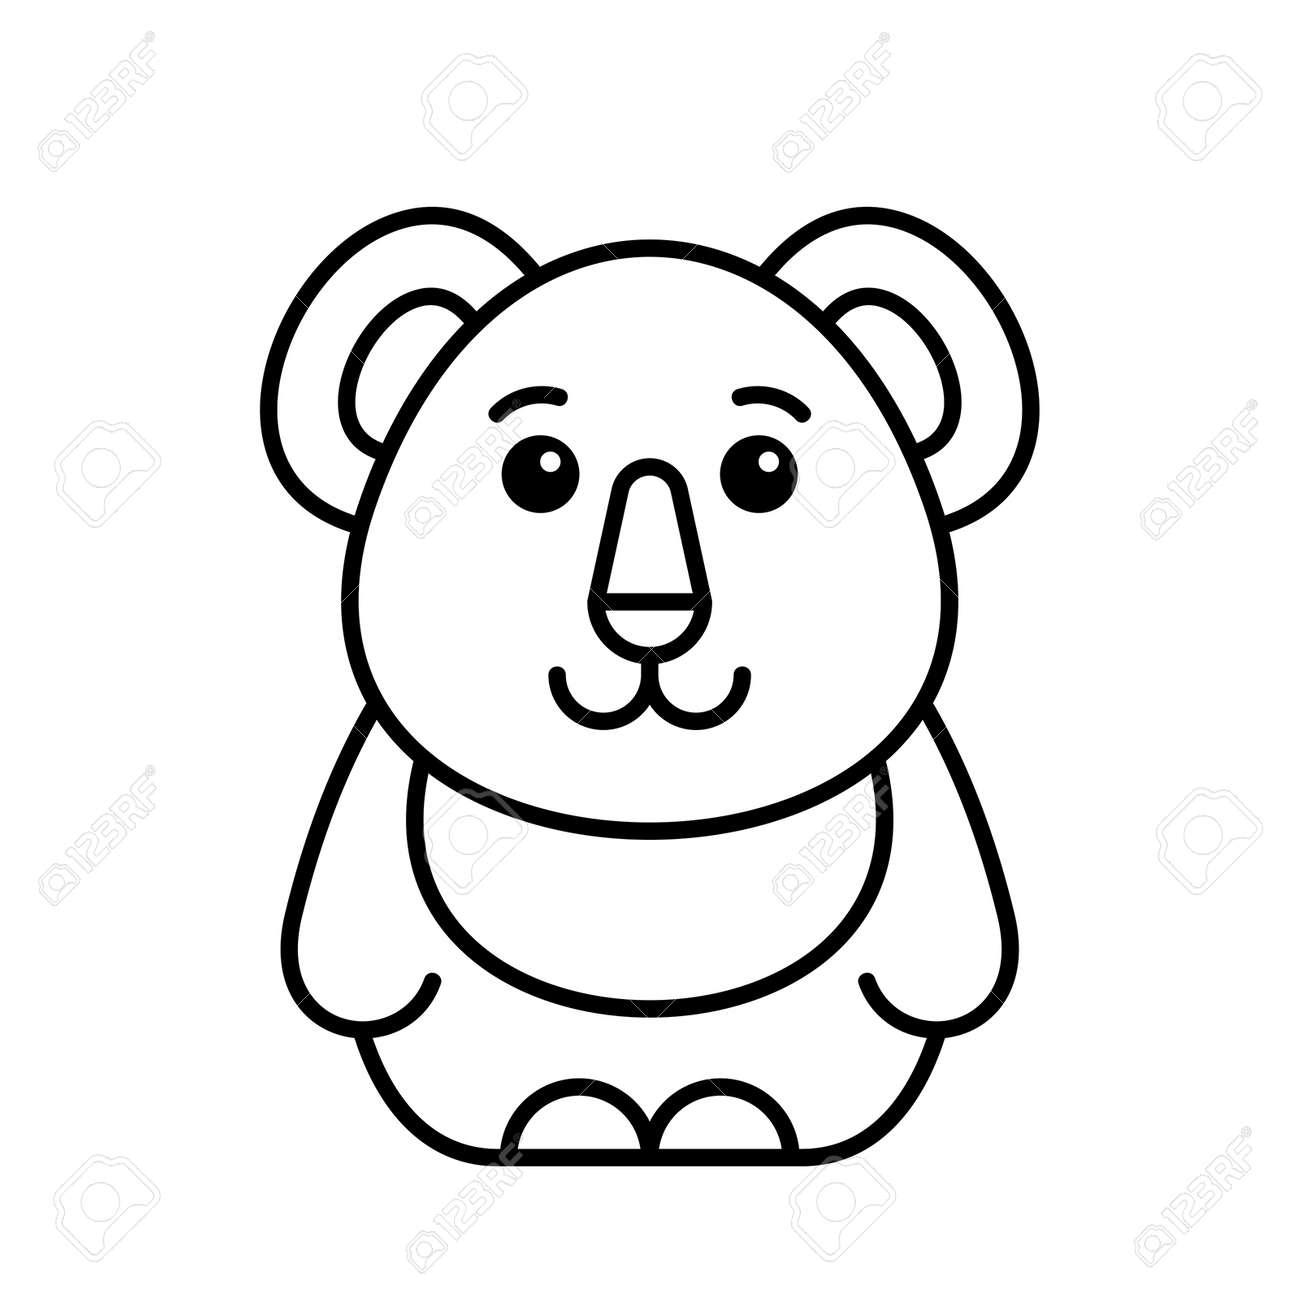 Koala icon. Icon design. Template elements - 171231686